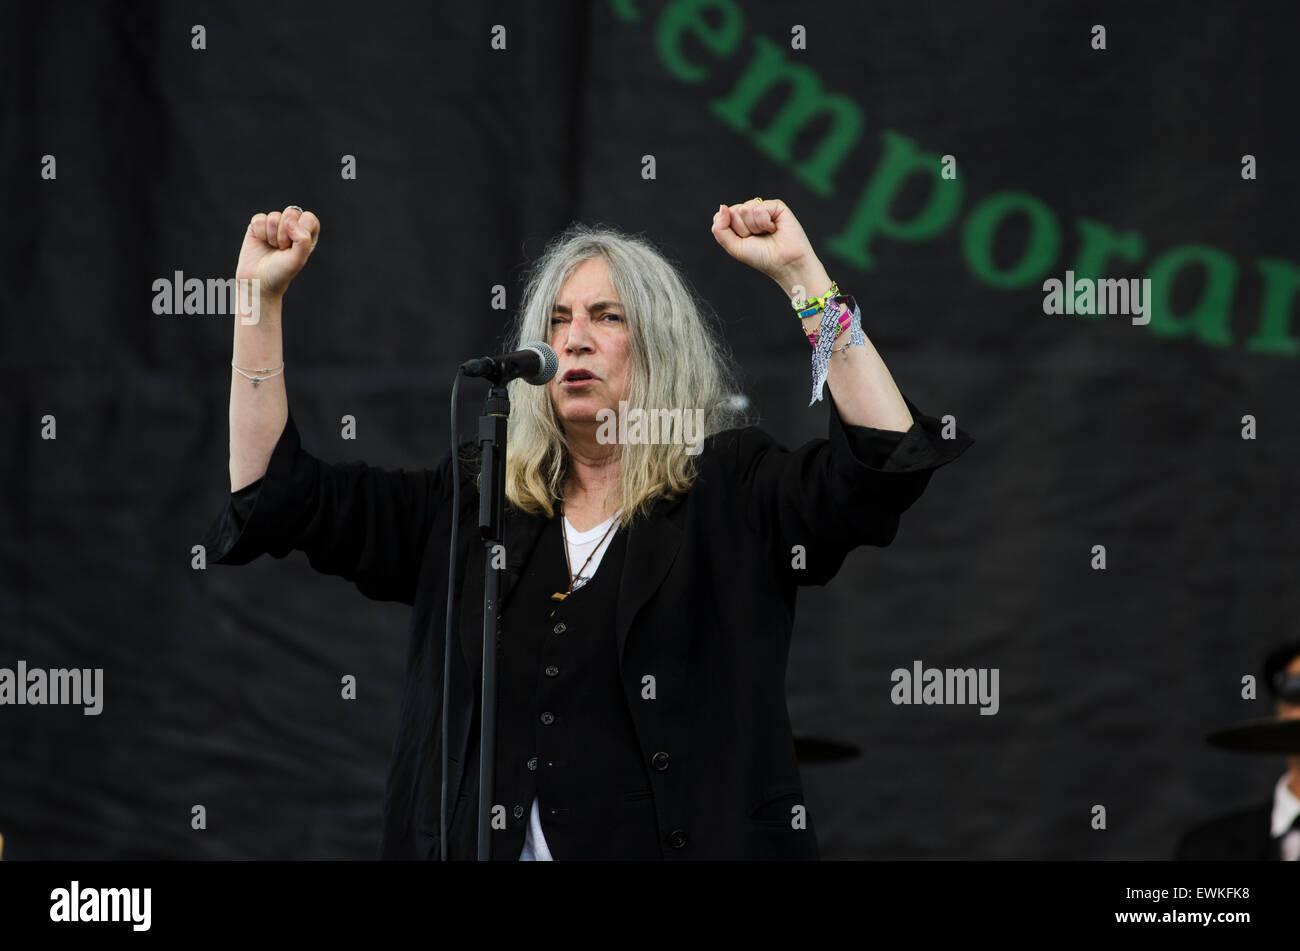 Glastonbury Festival, 28. Juni 2015, England UK. Patti Smith führt live auf der Bühne der Pyramide am Finaltag des Stockfoto